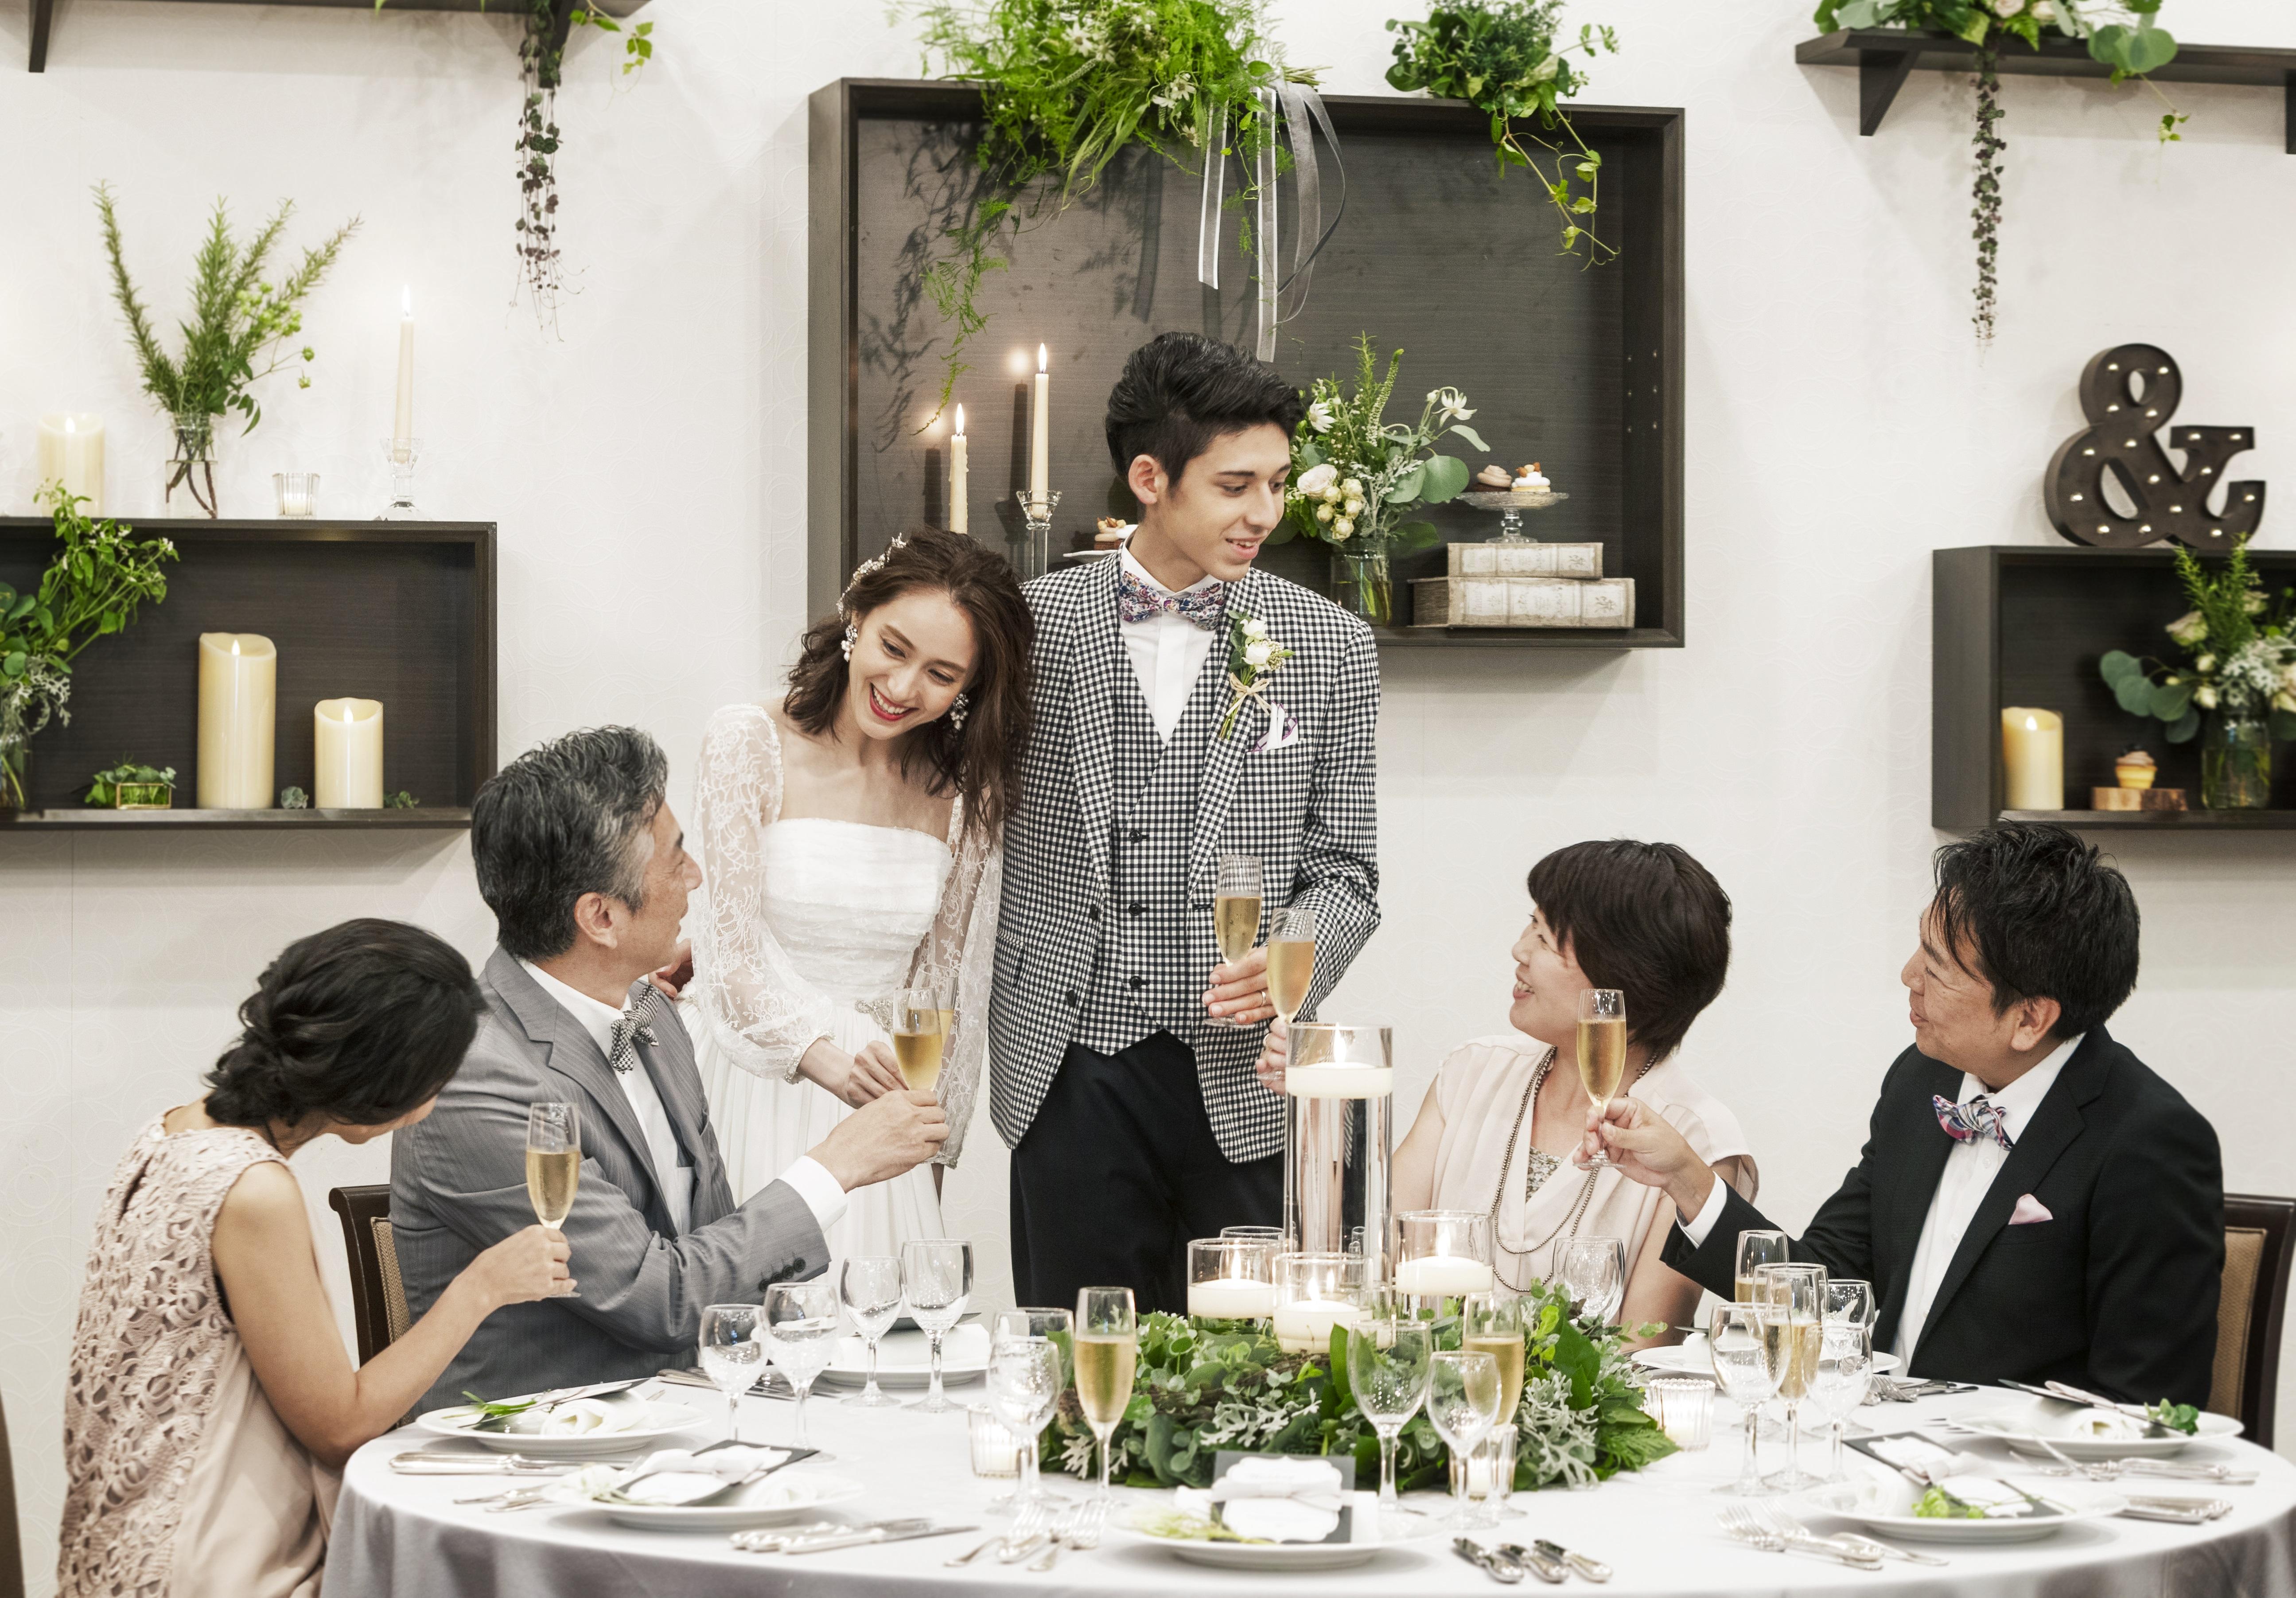 ◆平日限定!【10~40名限定】\エリスリーナの美食でもてなす/アットホーム少人数W相談会